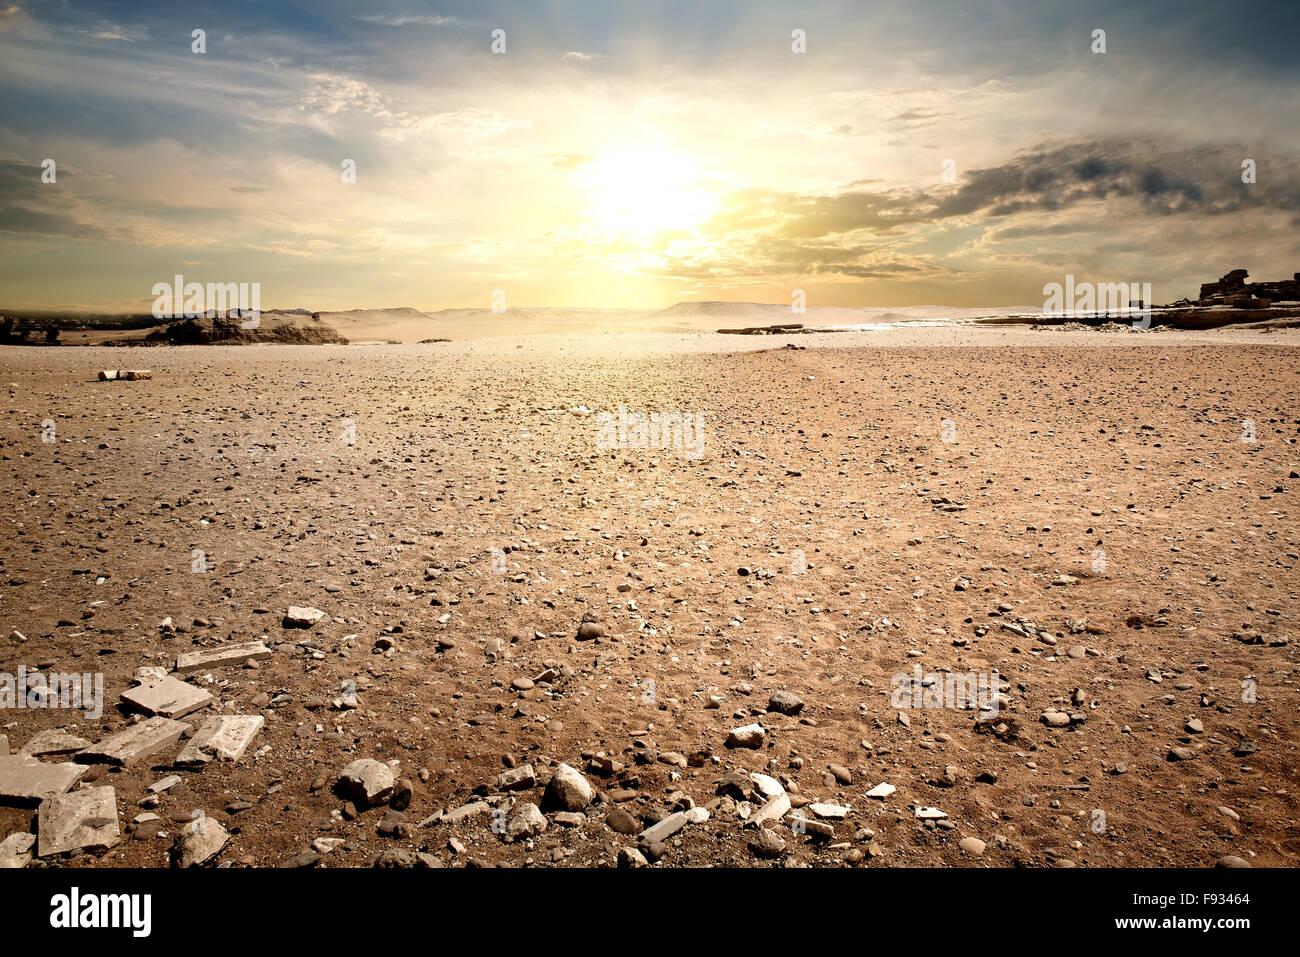 Ciel nuageux à Stony desert d'Egypte Photo Stock